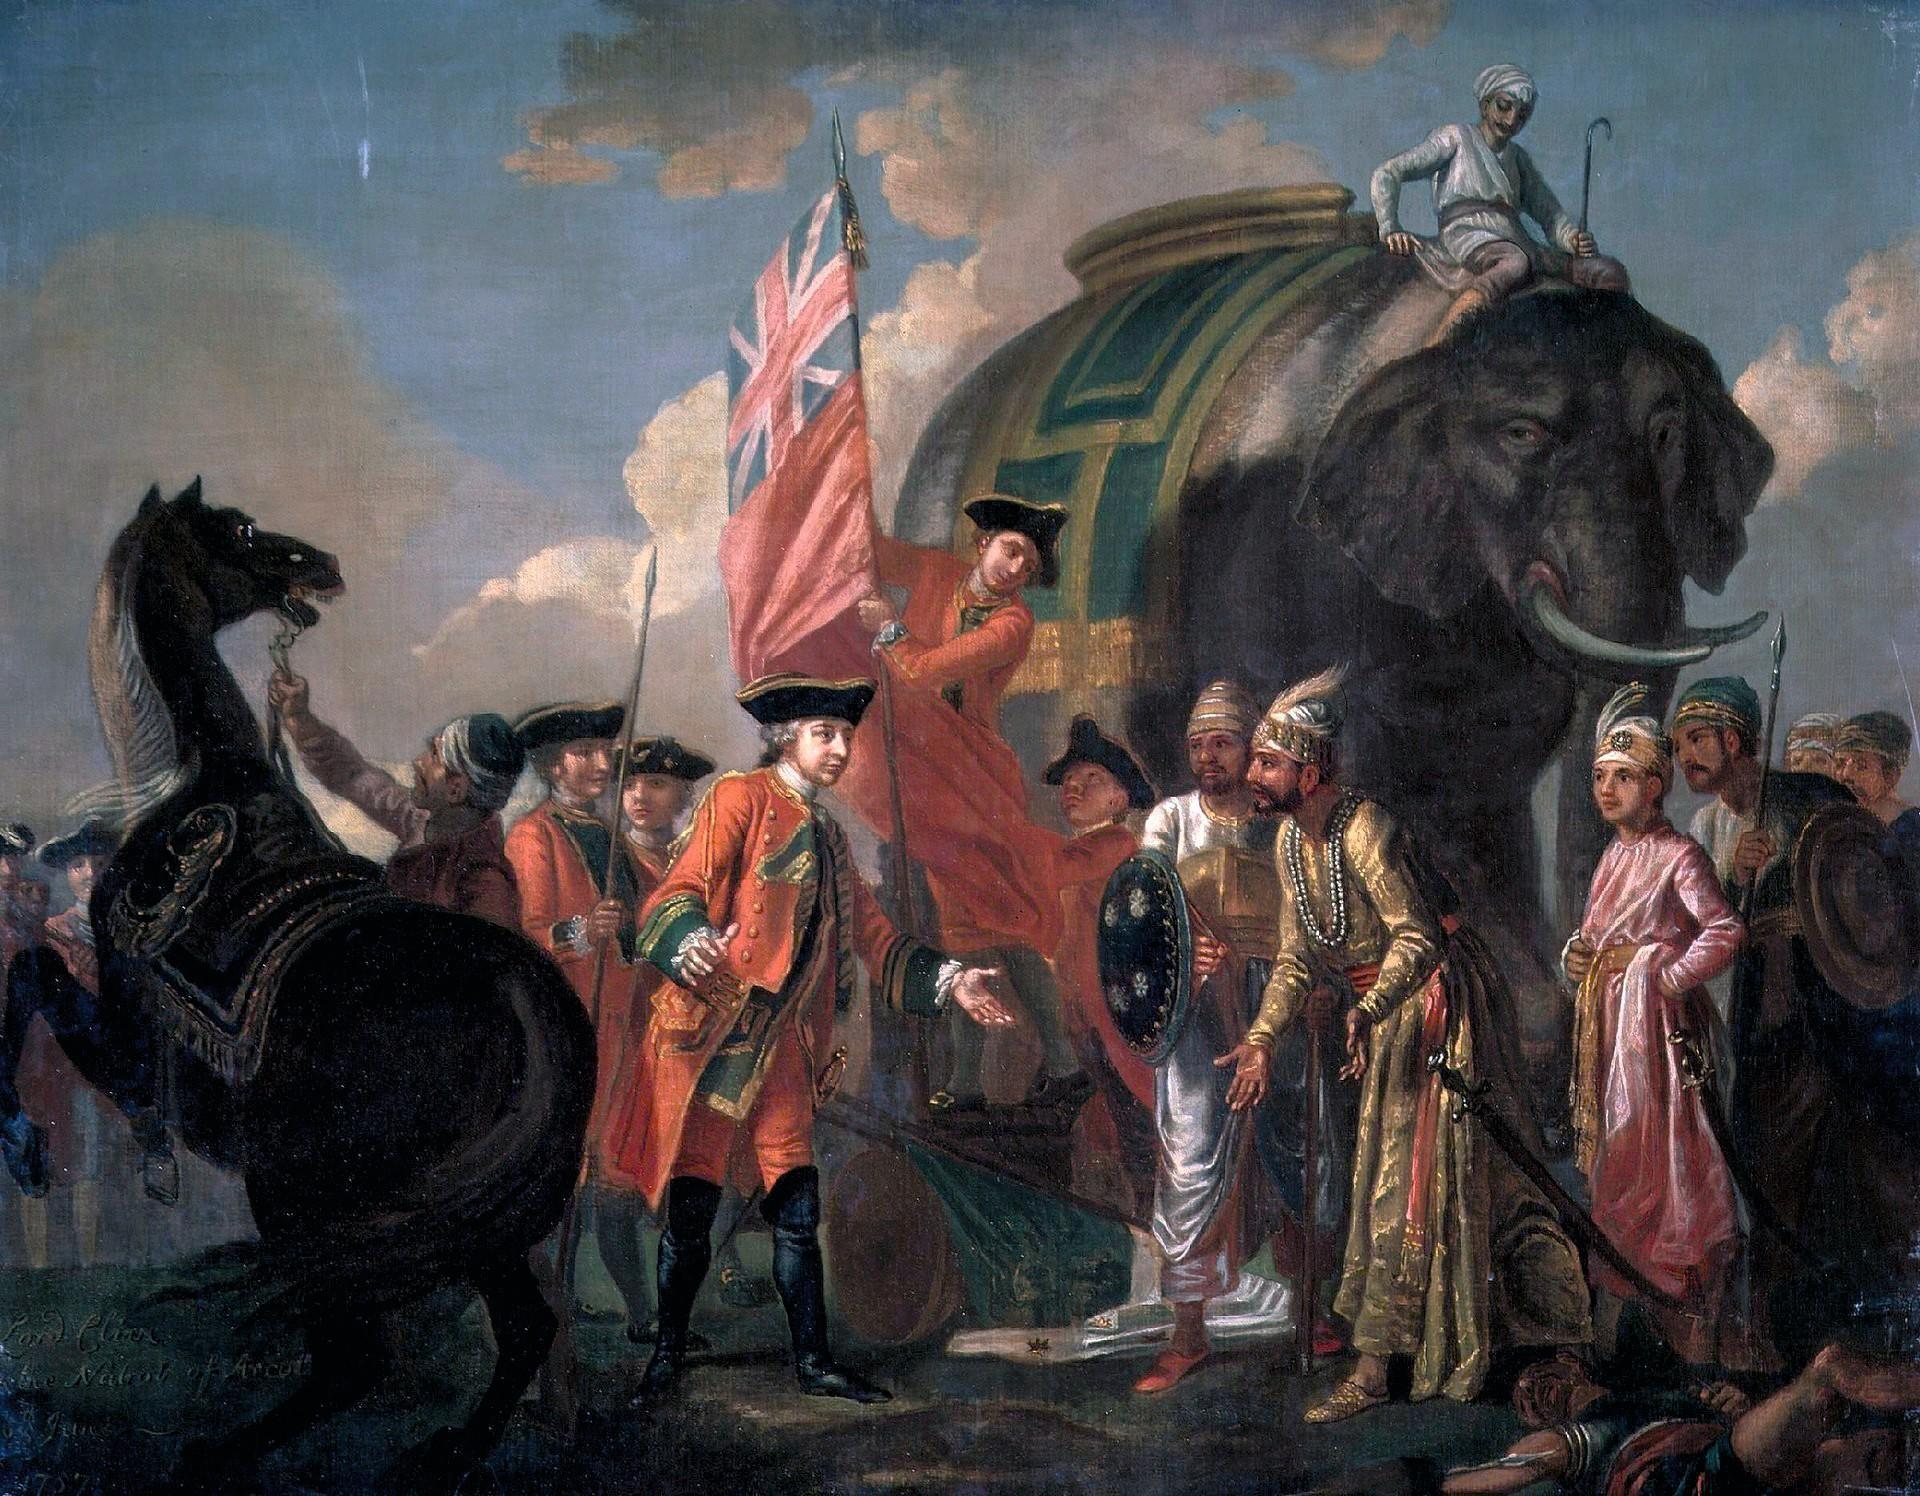 Francis Hayman, Lord Clive rencontrant Mir Jafar après la bataille de Plassey, v. 1760, huile sur toile, 100 x 127 cm, National Portrait Gallery, Londres